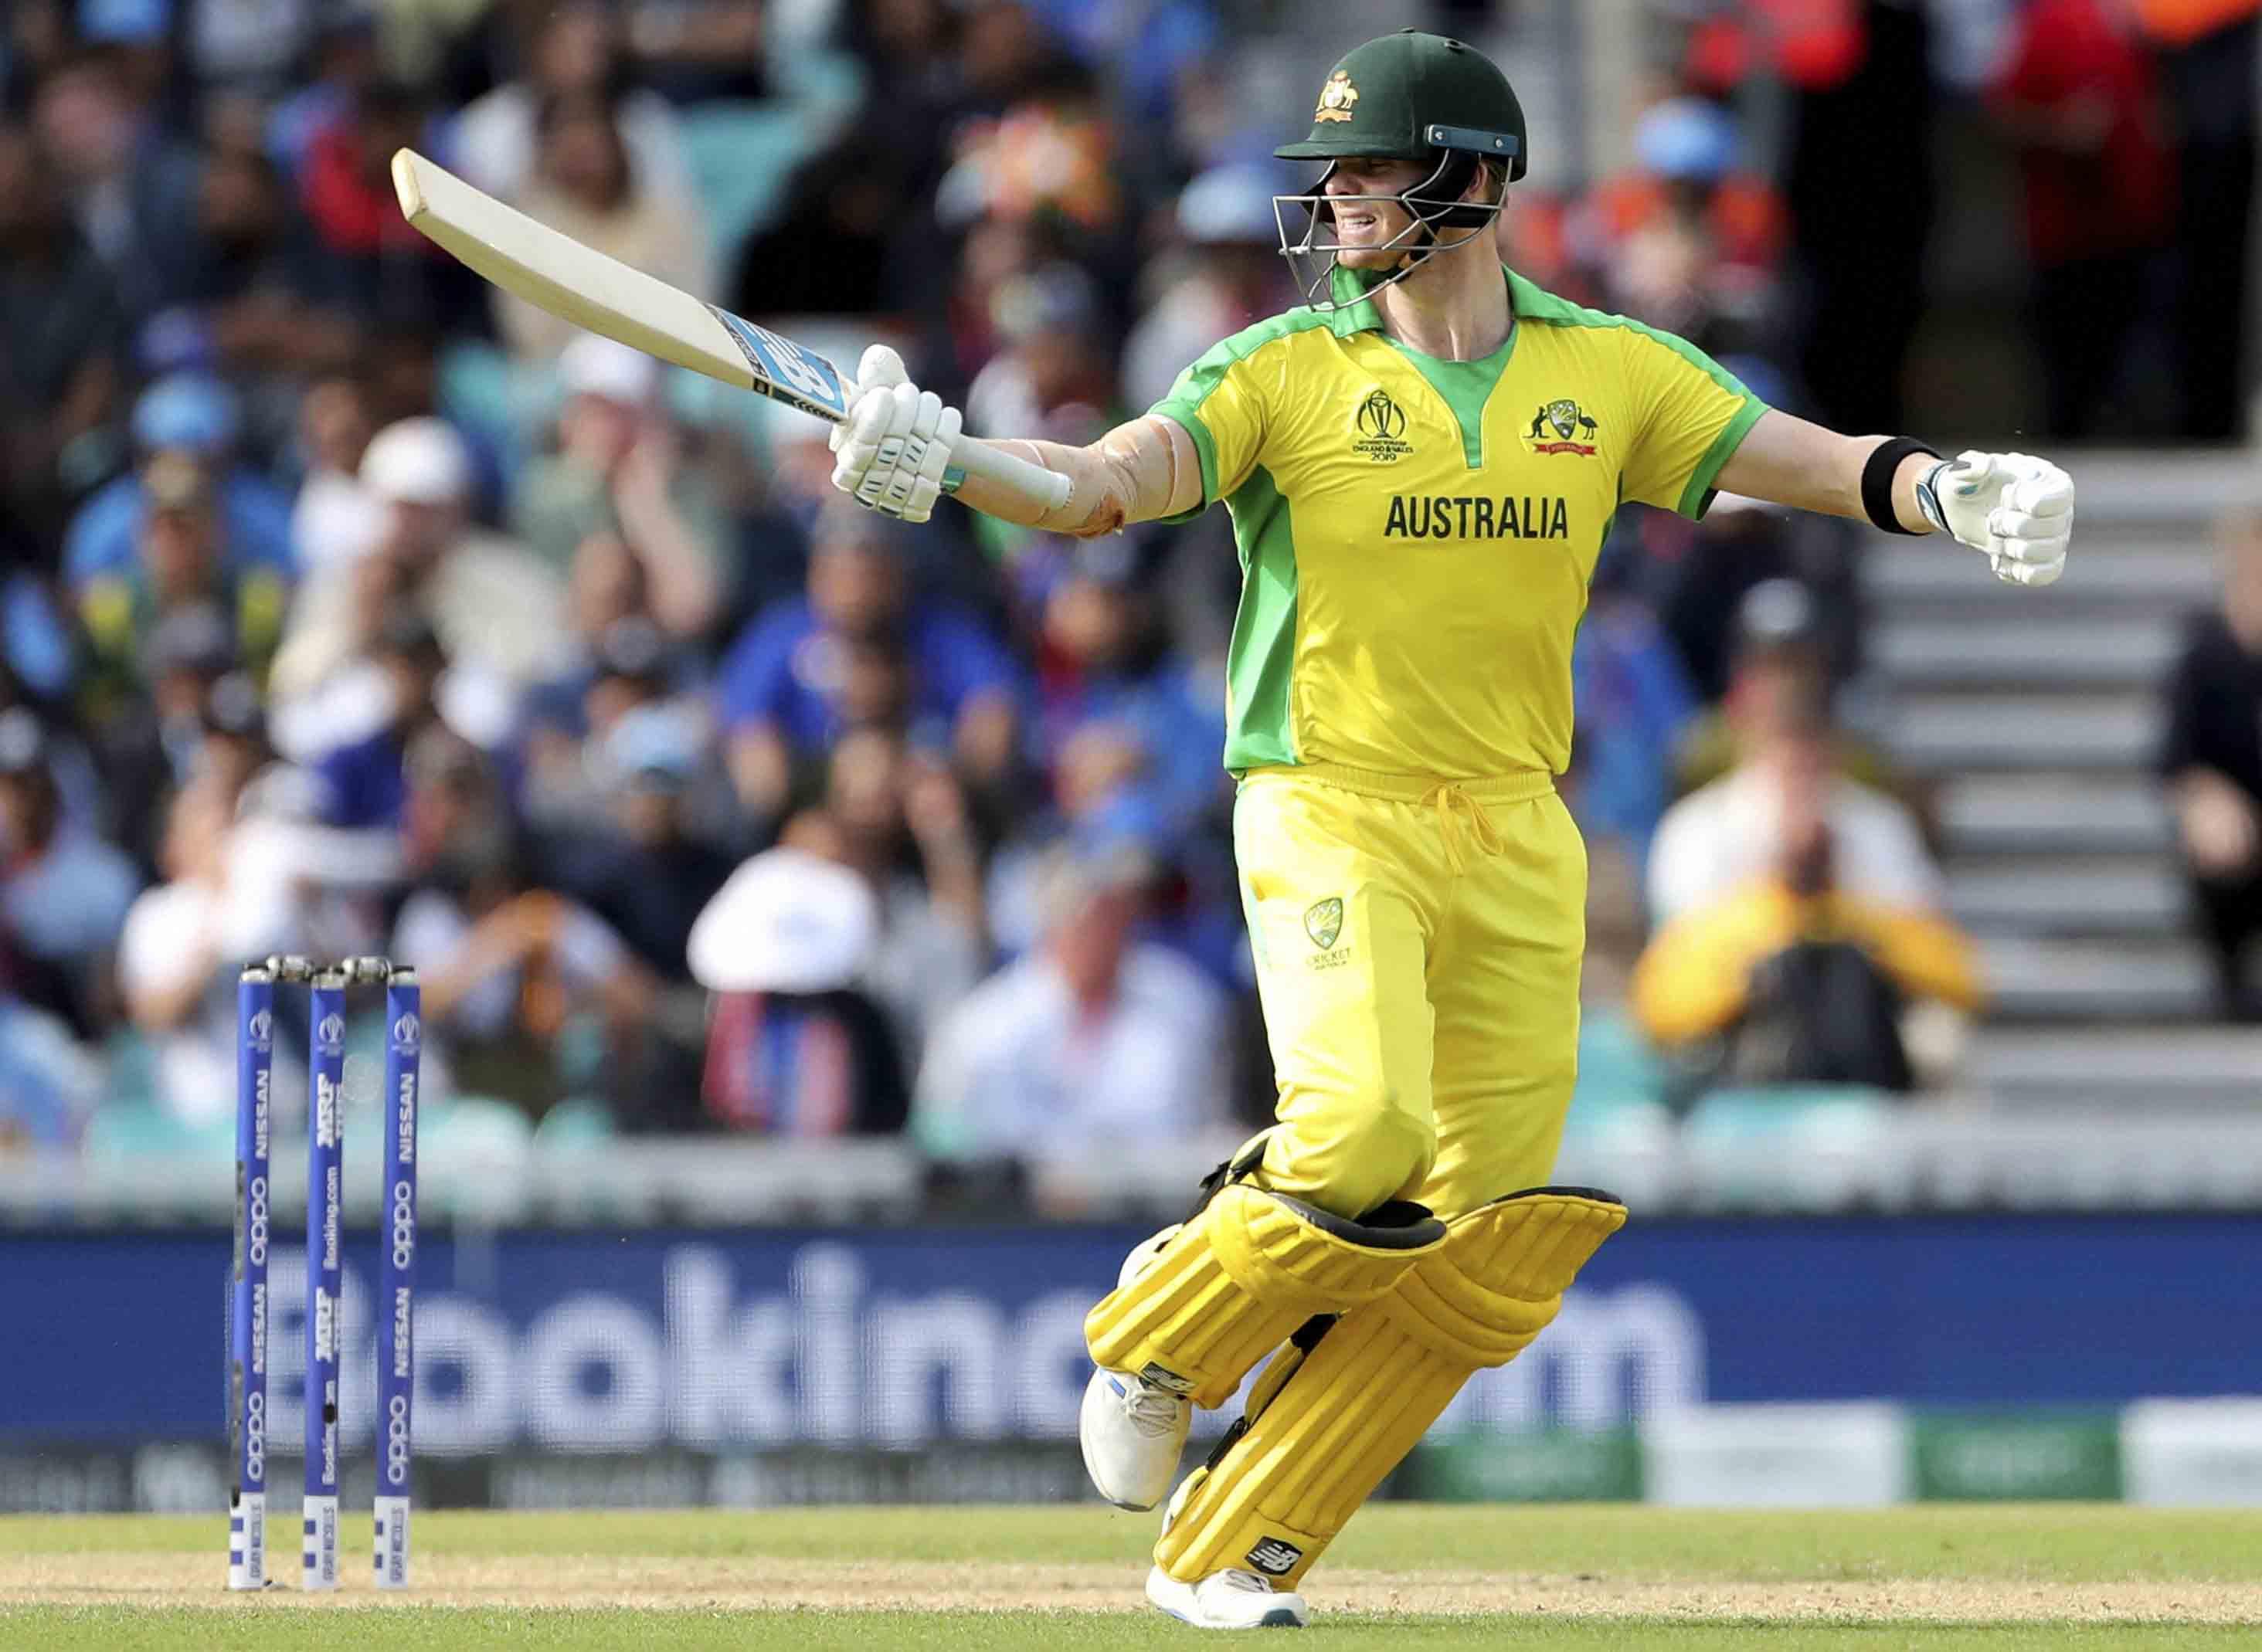 AUSvsPAK: पाकिस्तान पर ऑस्ट्रेलिया की शानदार जीत, स्मिथ ने बनाए आधे से ज्यादा रन